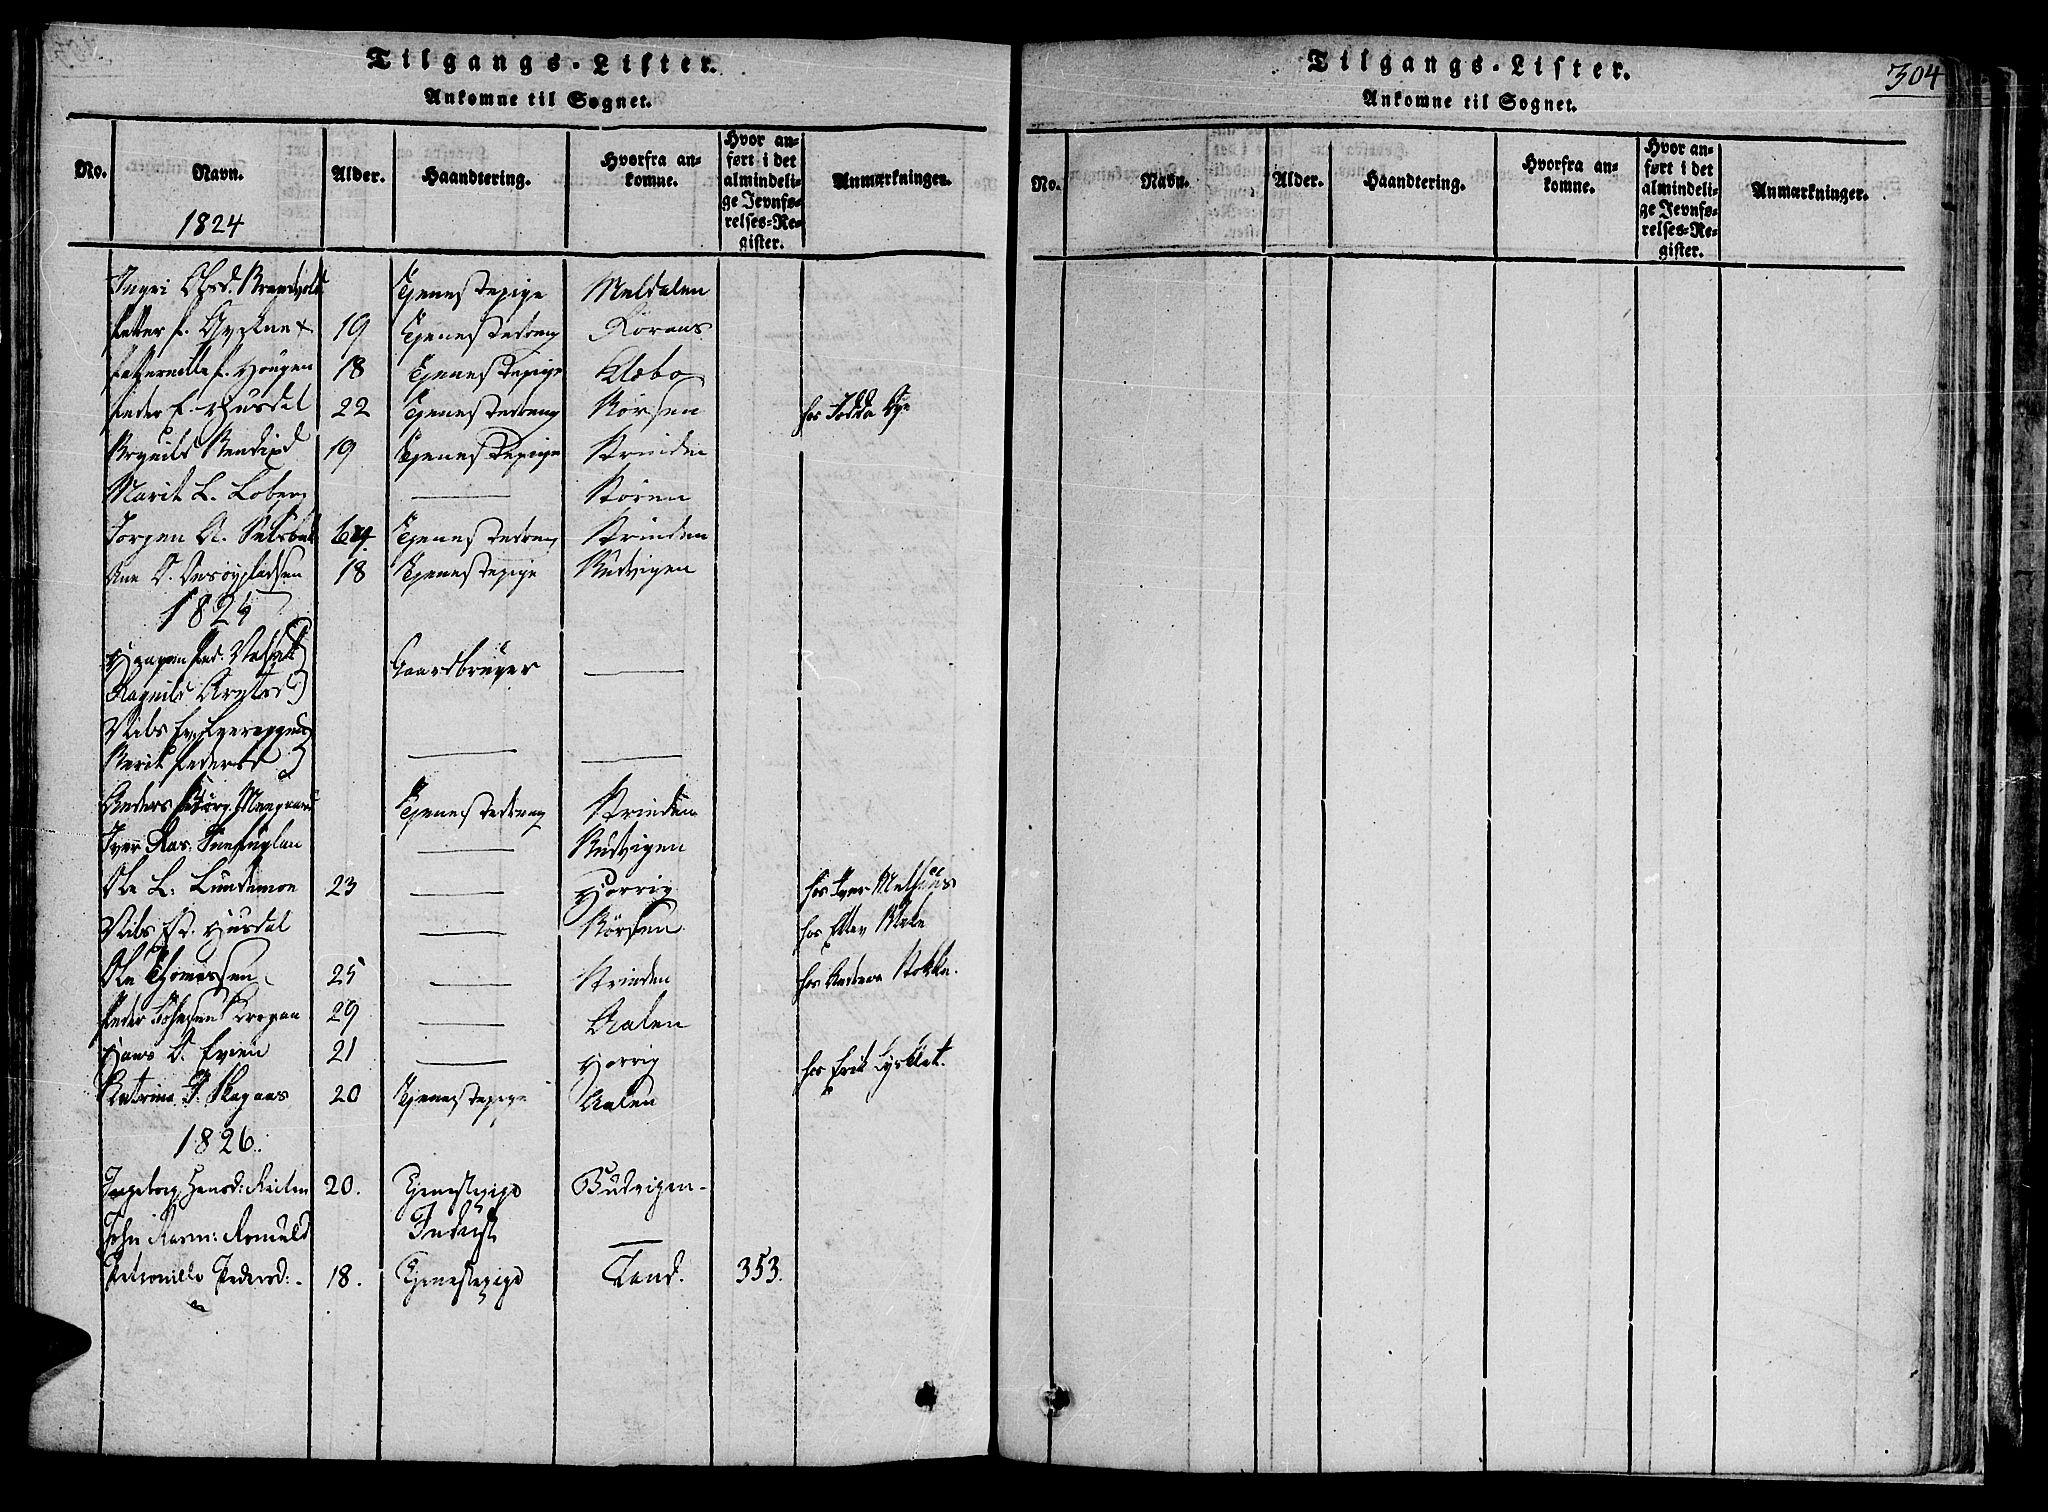 SAT, Ministerialprotokoller, klokkerbøker og fødselsregistre - Sør-Trøndelag, 691/L1065: Ministerialbok nr. 691A03 /1, 1816-1826, s. 304